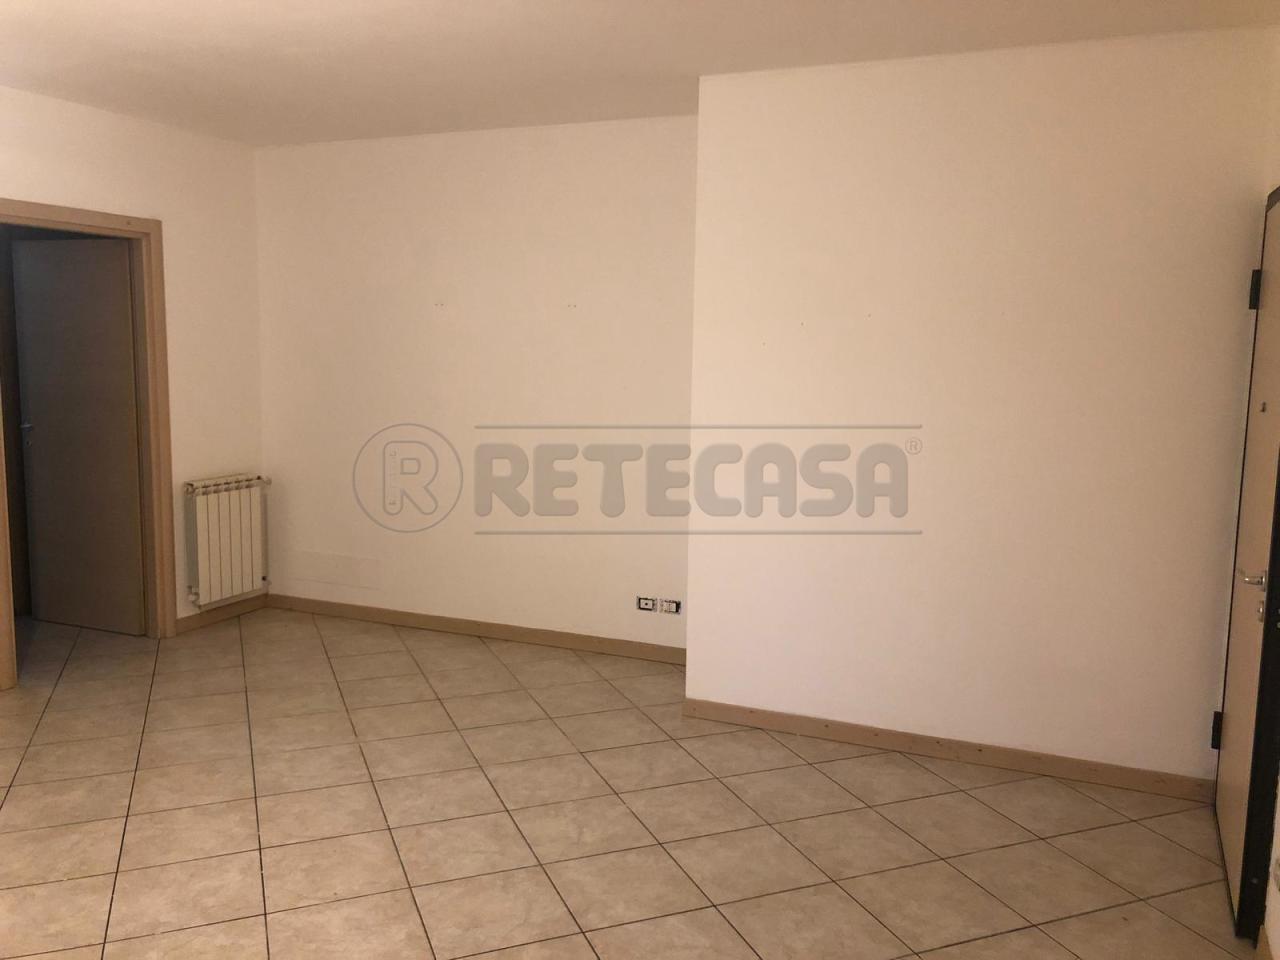 Appartamento - Miniappartamento a CASELLE, Santa Maria di Sala